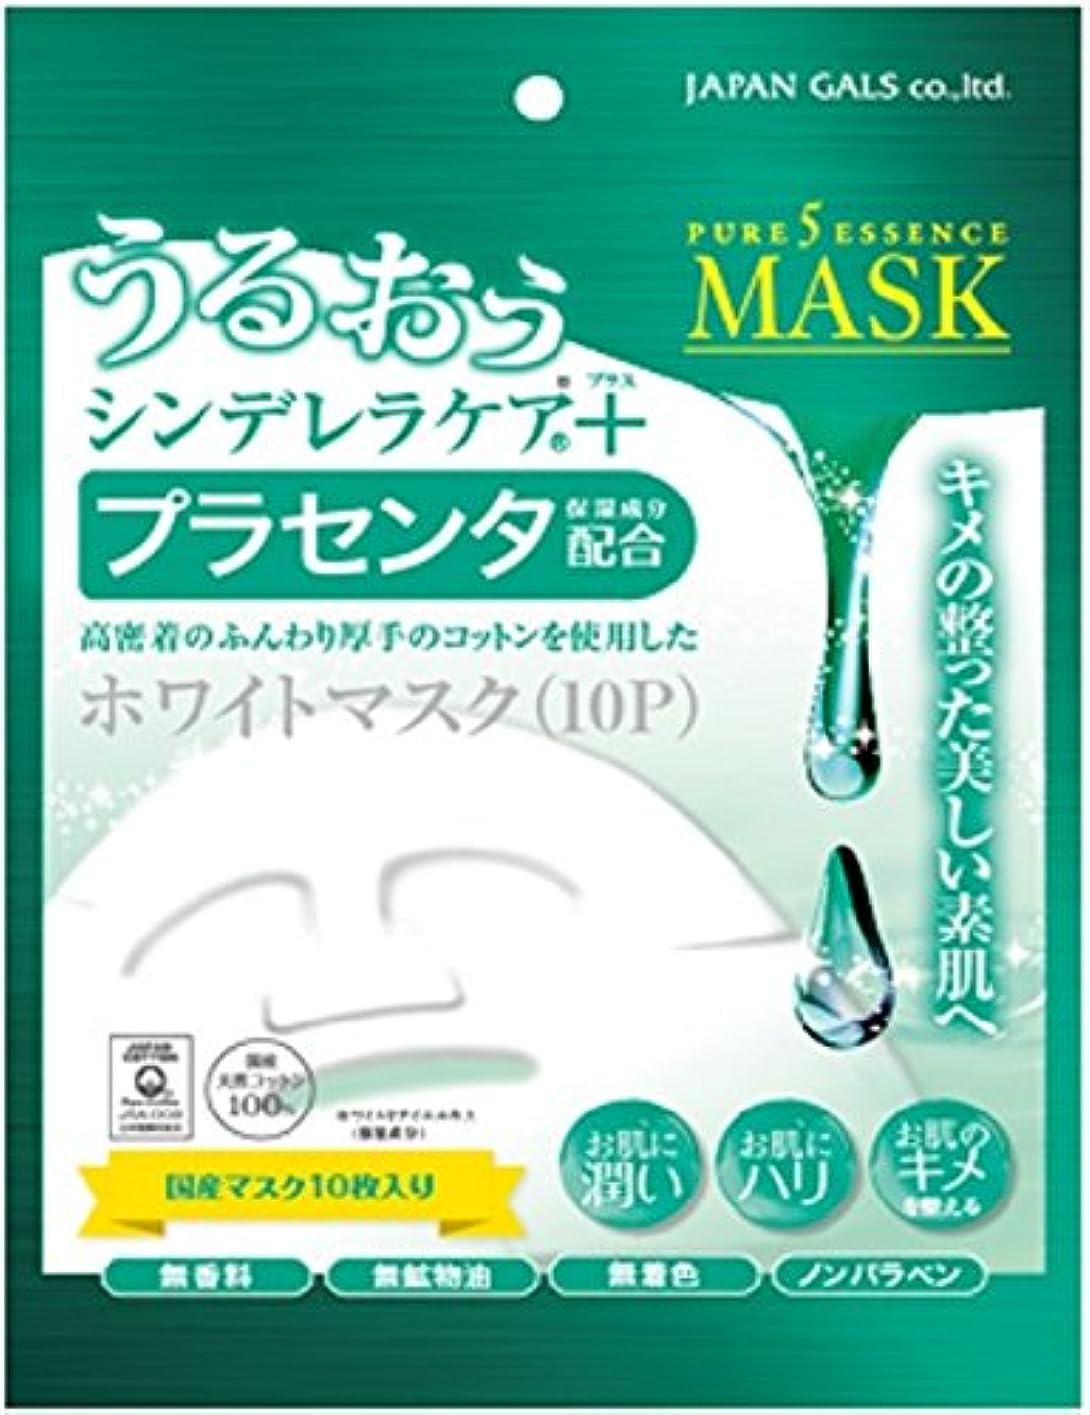 討論アナロジークモジャパンギャルズ ピュアファイブエッセンスマスク (PL+CC) 10枚